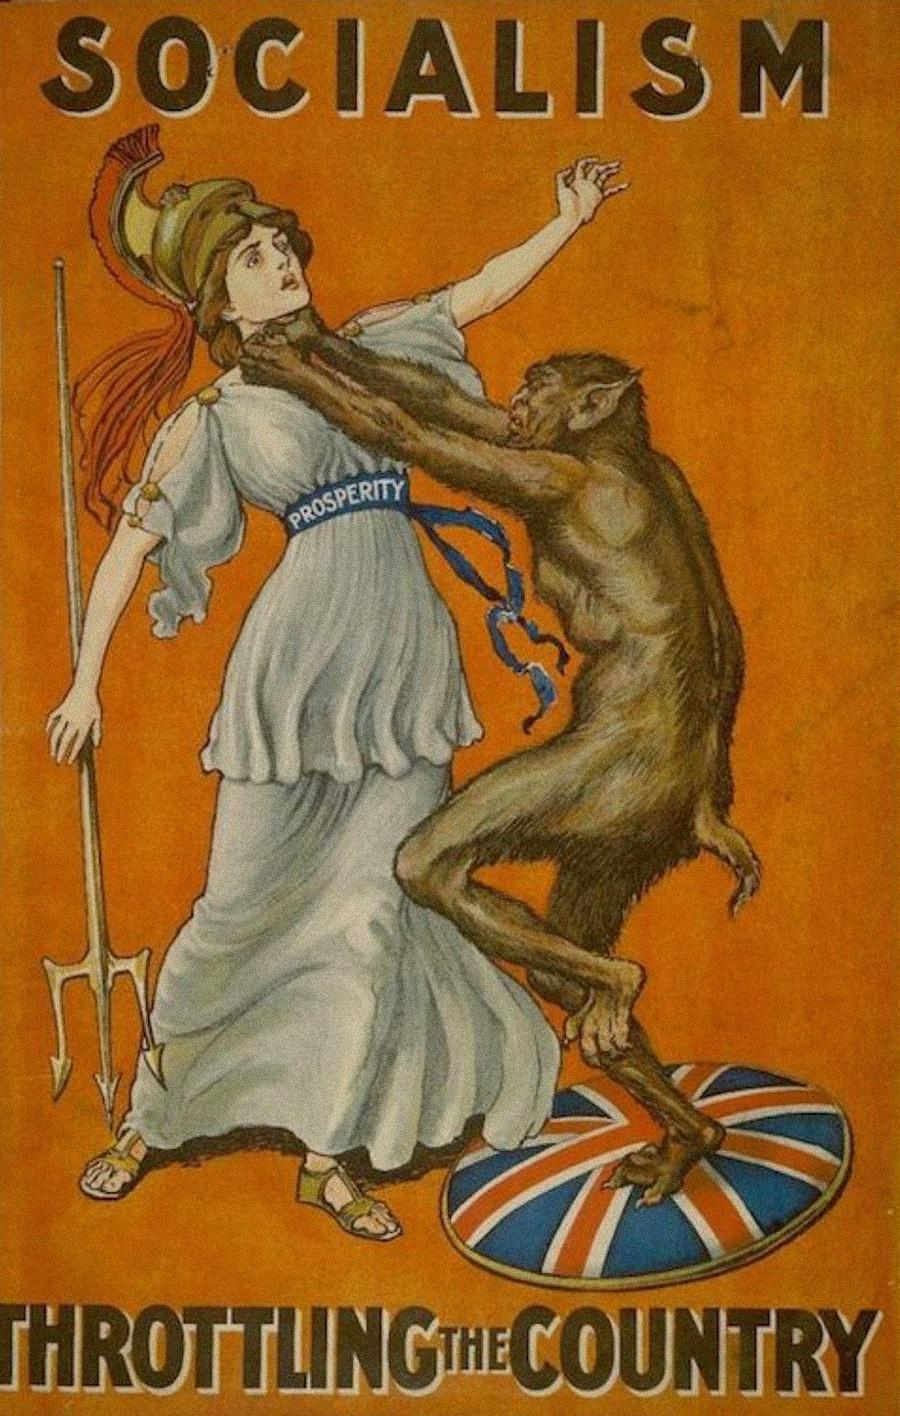 Постер је наручила Конзервативна партија у Британији 1909. године.